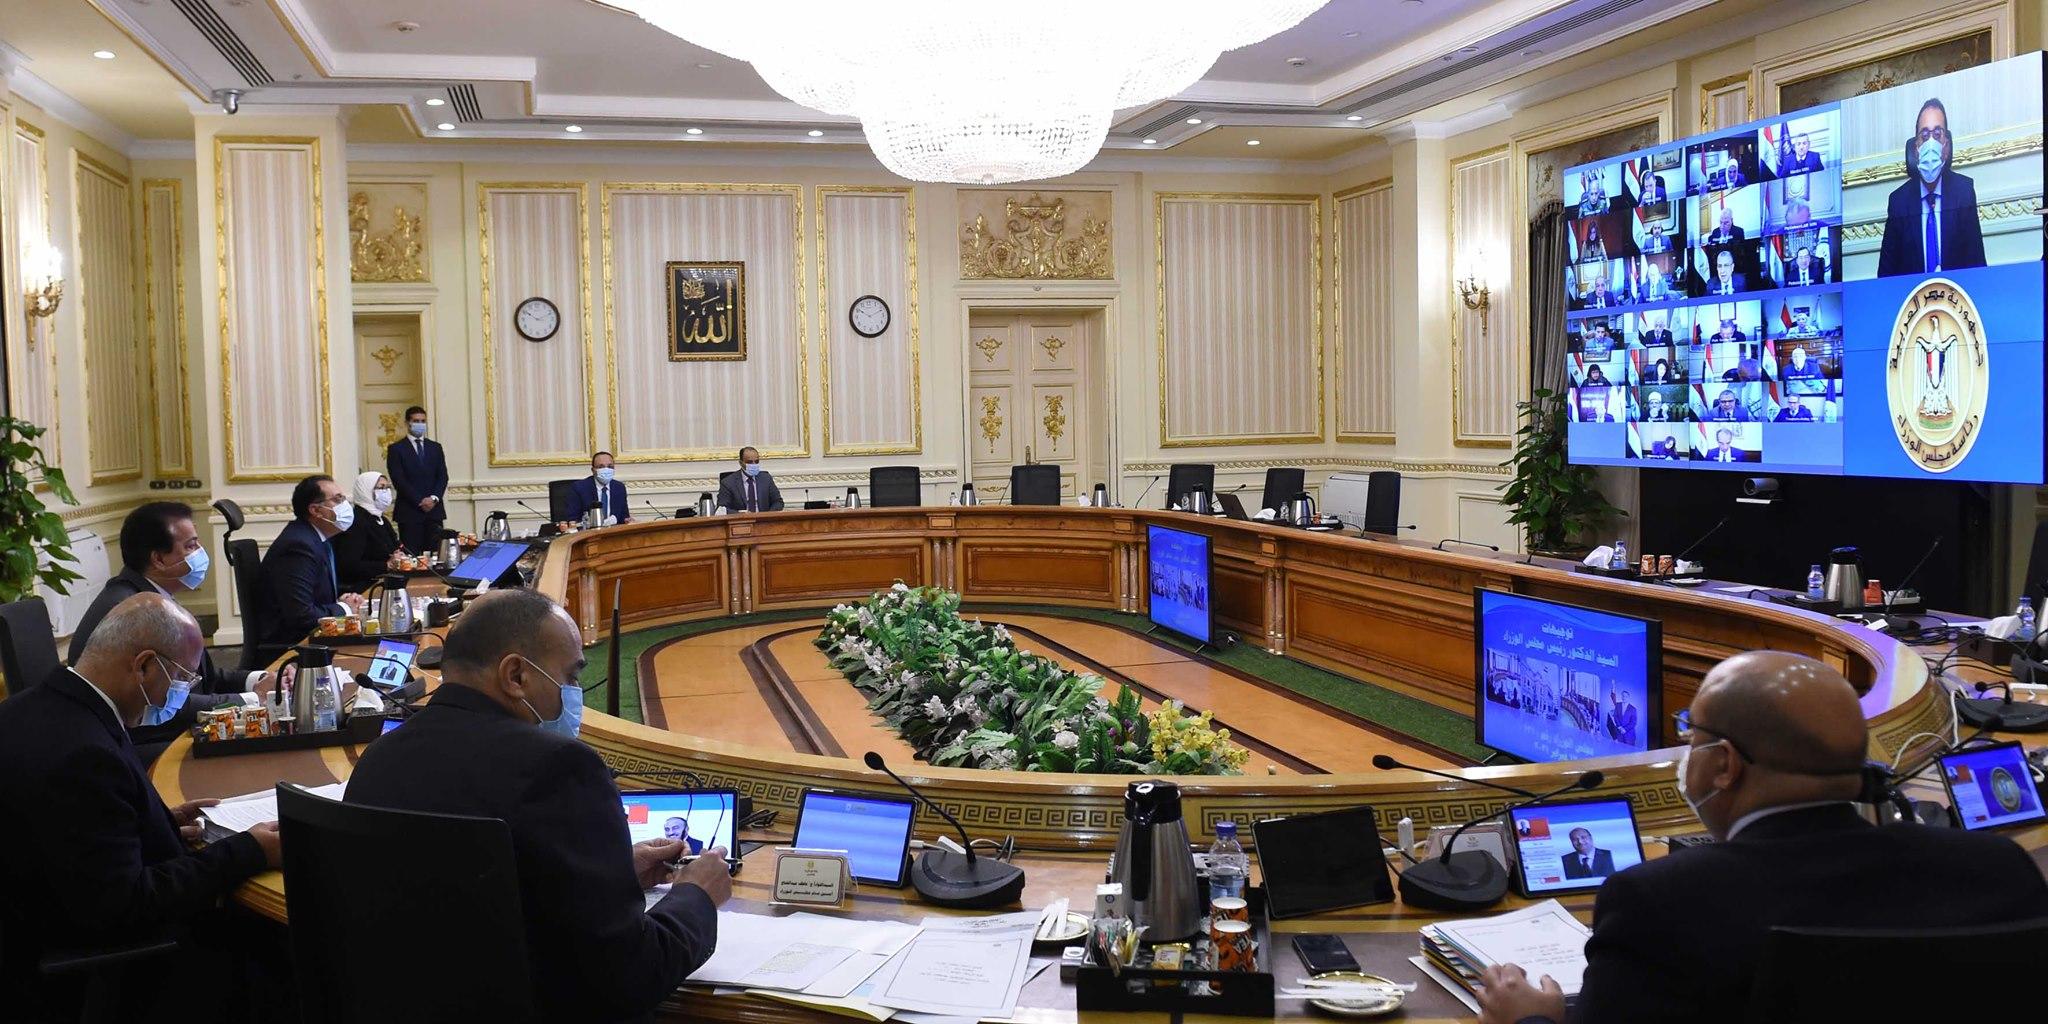 رئيس الوزراء يُوجه أعضاء الحكومة بالتواصل المستمر مع أعضاء مجلس النواب